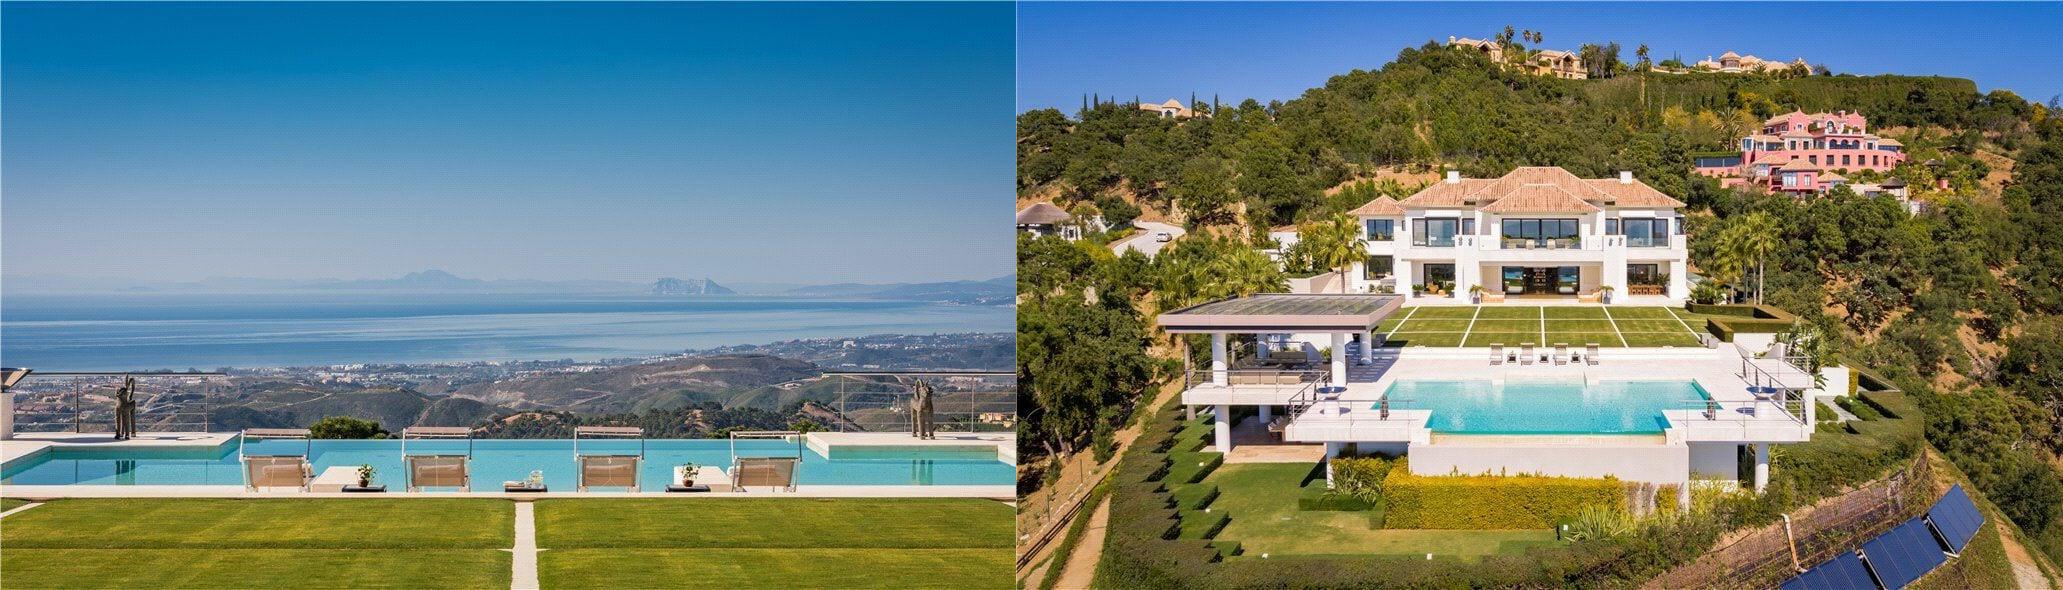 Villa in La Zagaleta, Marbella